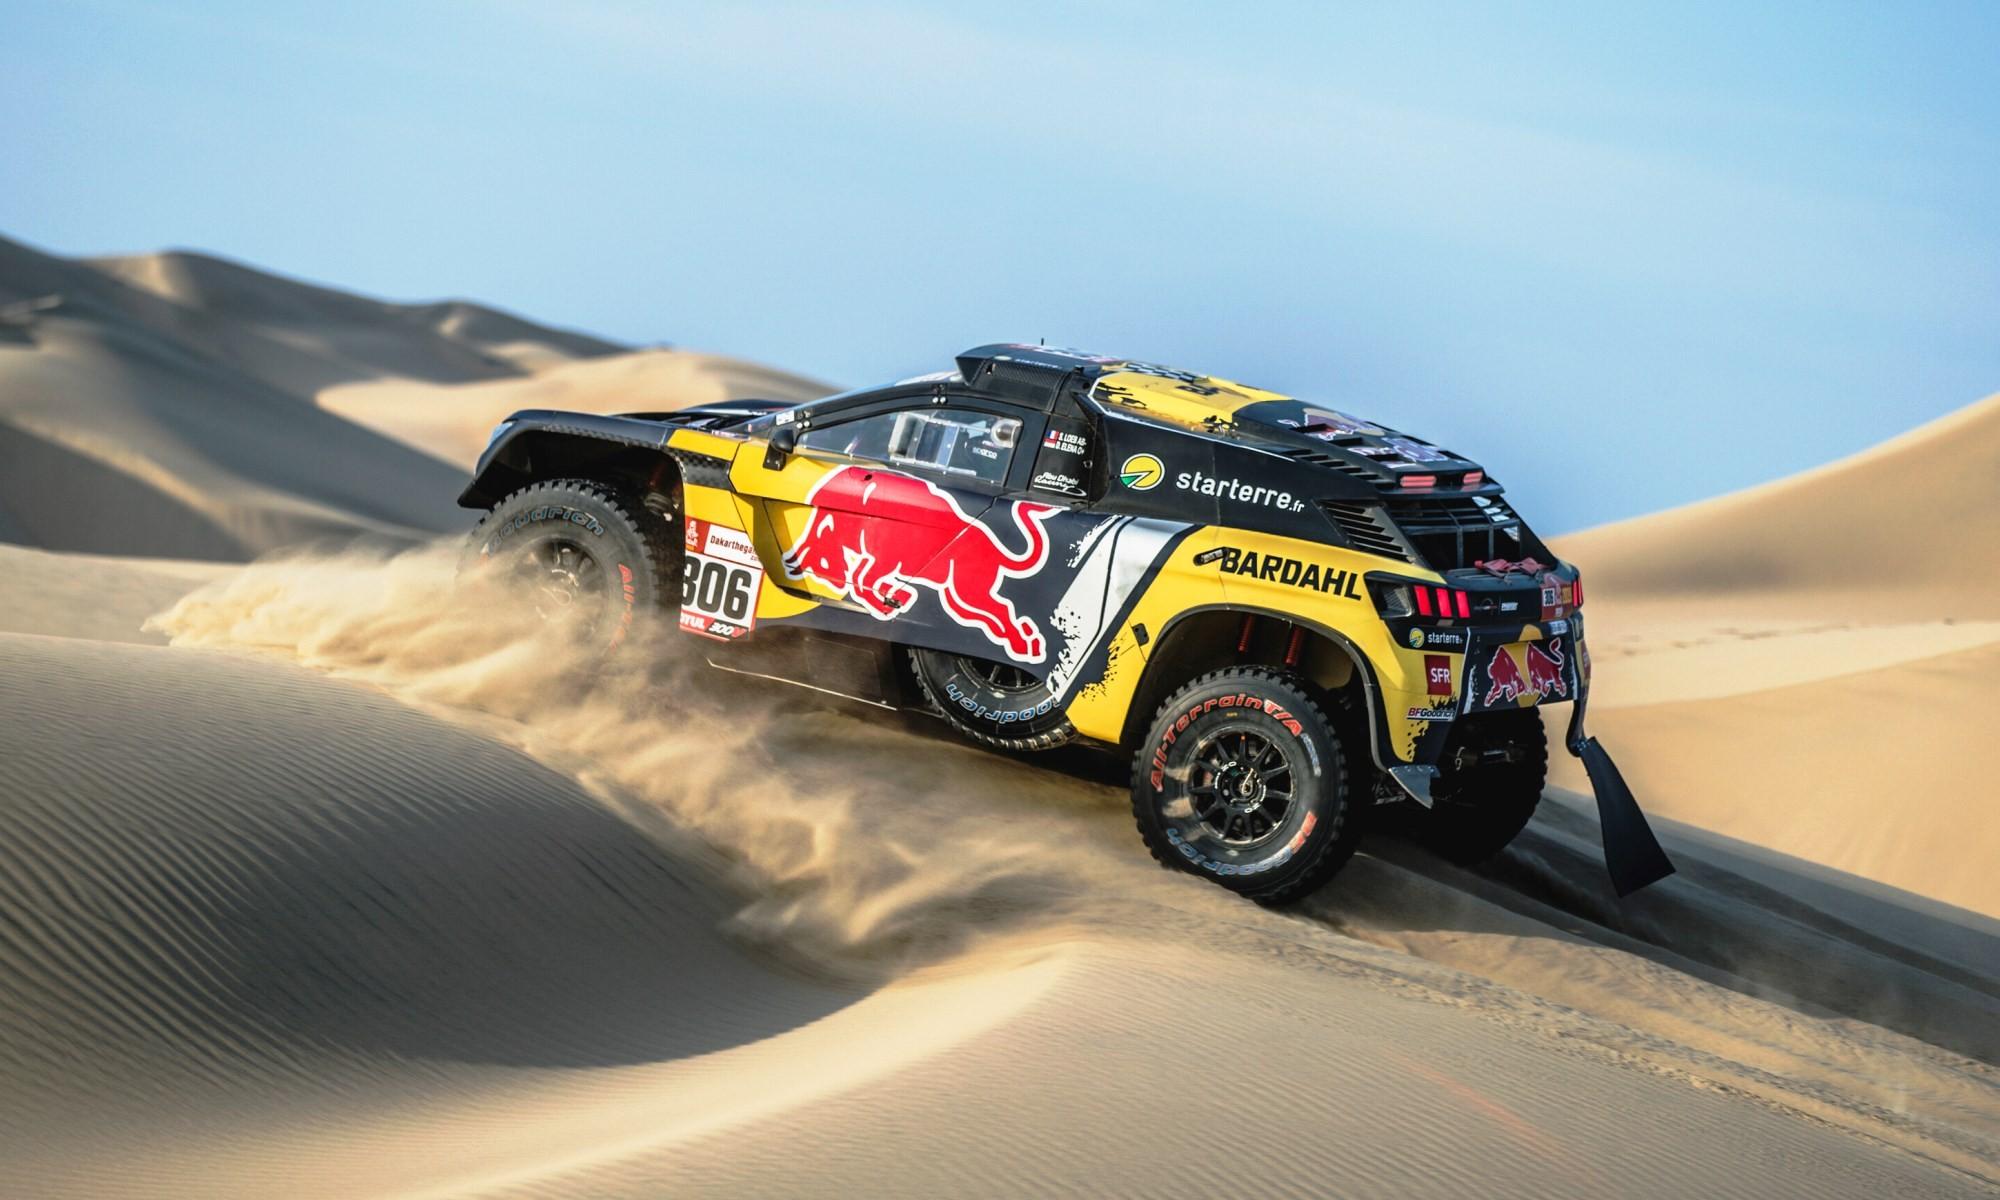 2019 Dakar Rally Stage 5